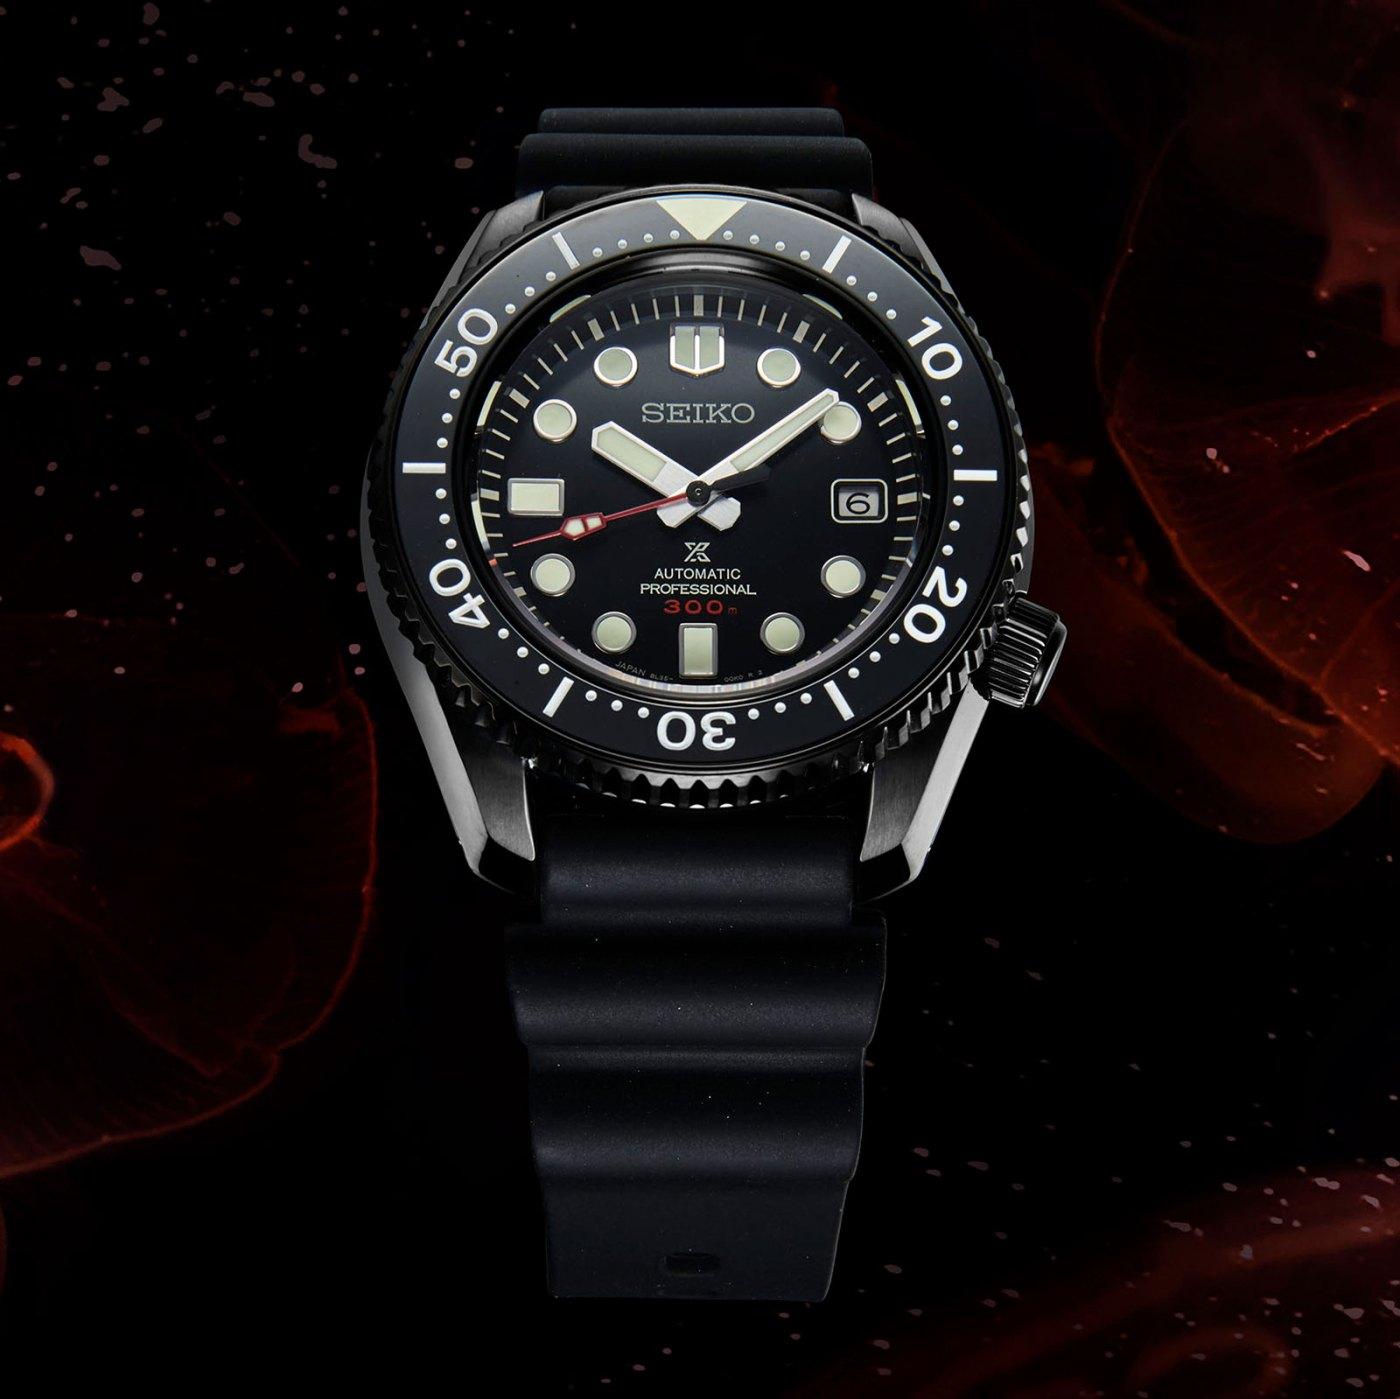 Seiko Prospex Marinemaster Black Series SLA035 front